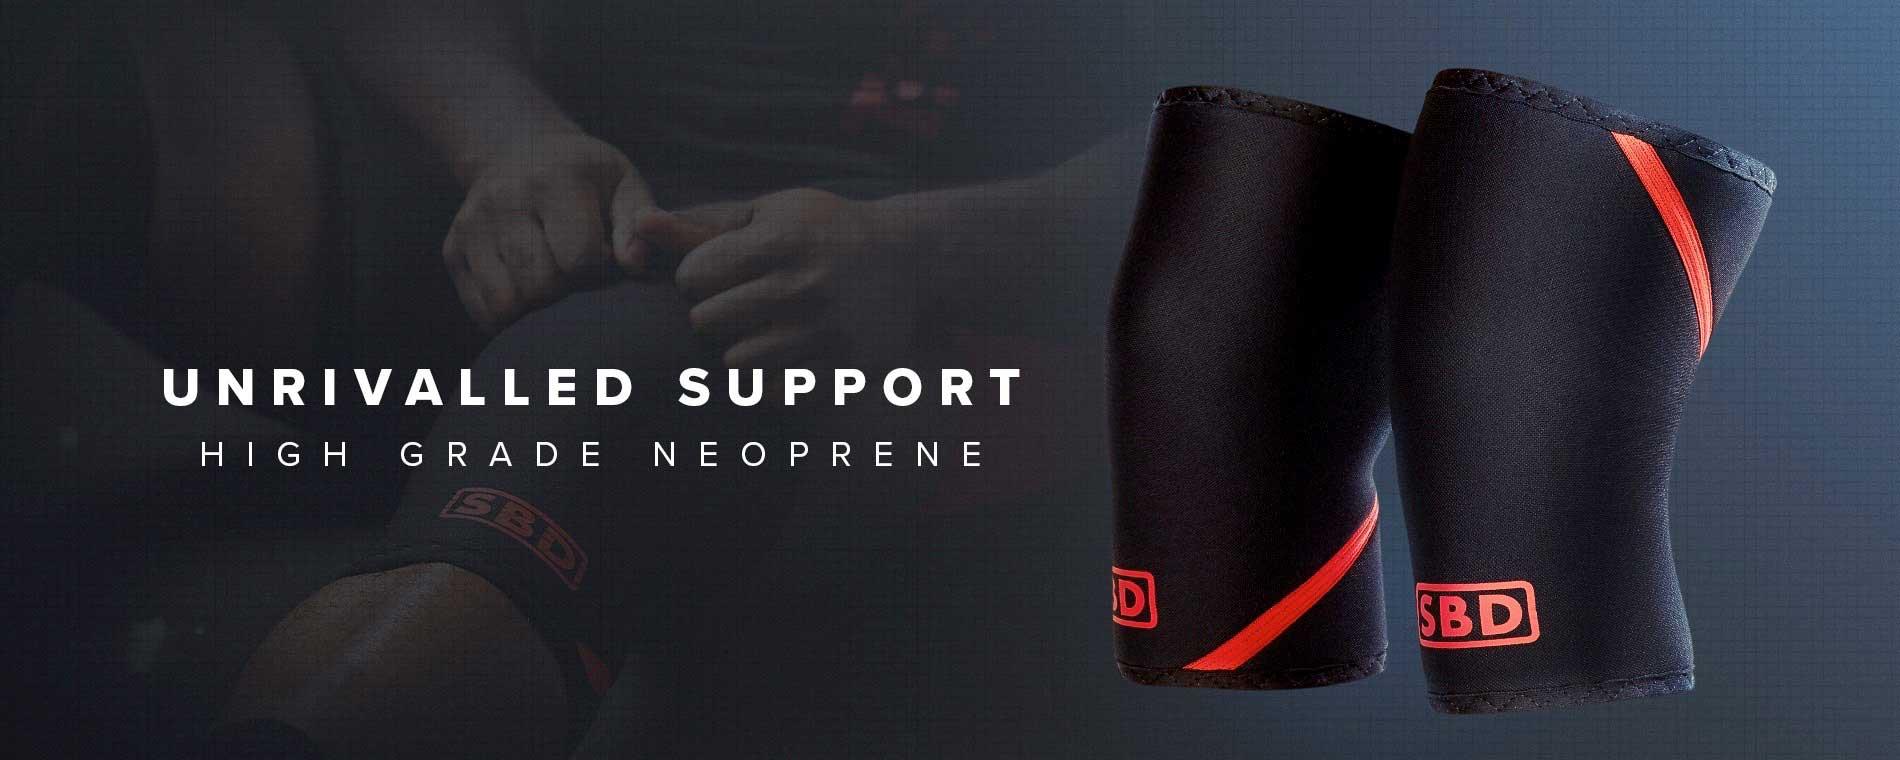 sbd-knee-sleeves-20200806